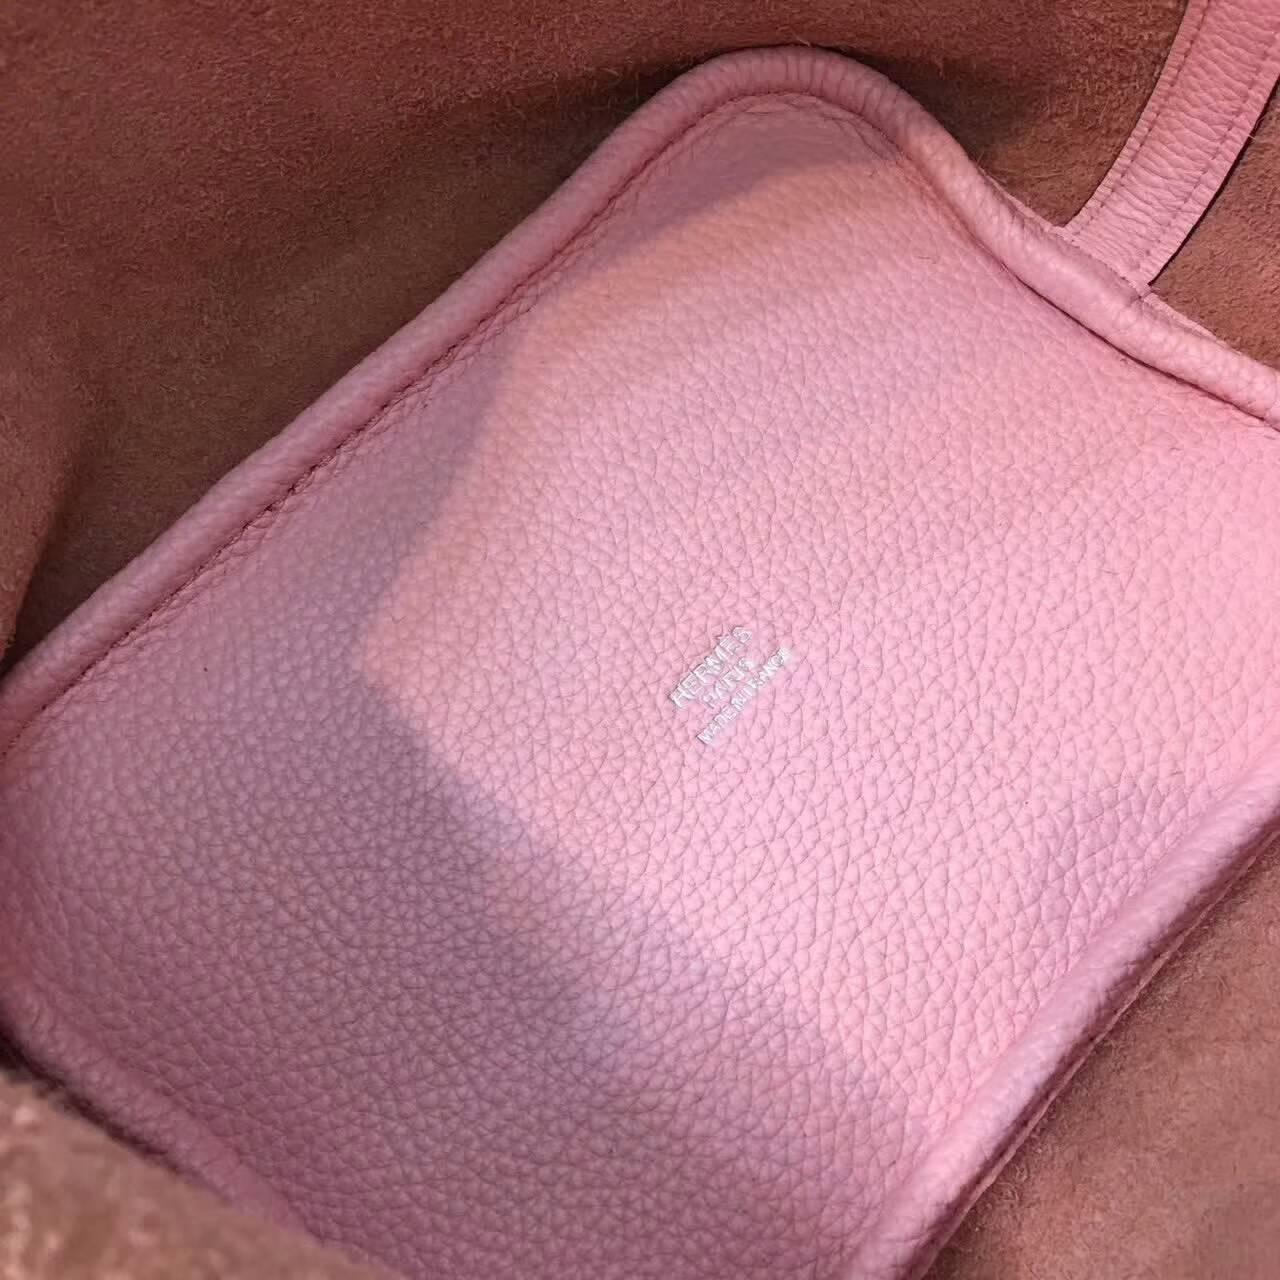 Hermes爱马仕菜篮子 Picotin Lock 18cm Clememce 法国原产Tc皮 3Q Rose Sakura 芭比粉 银扣